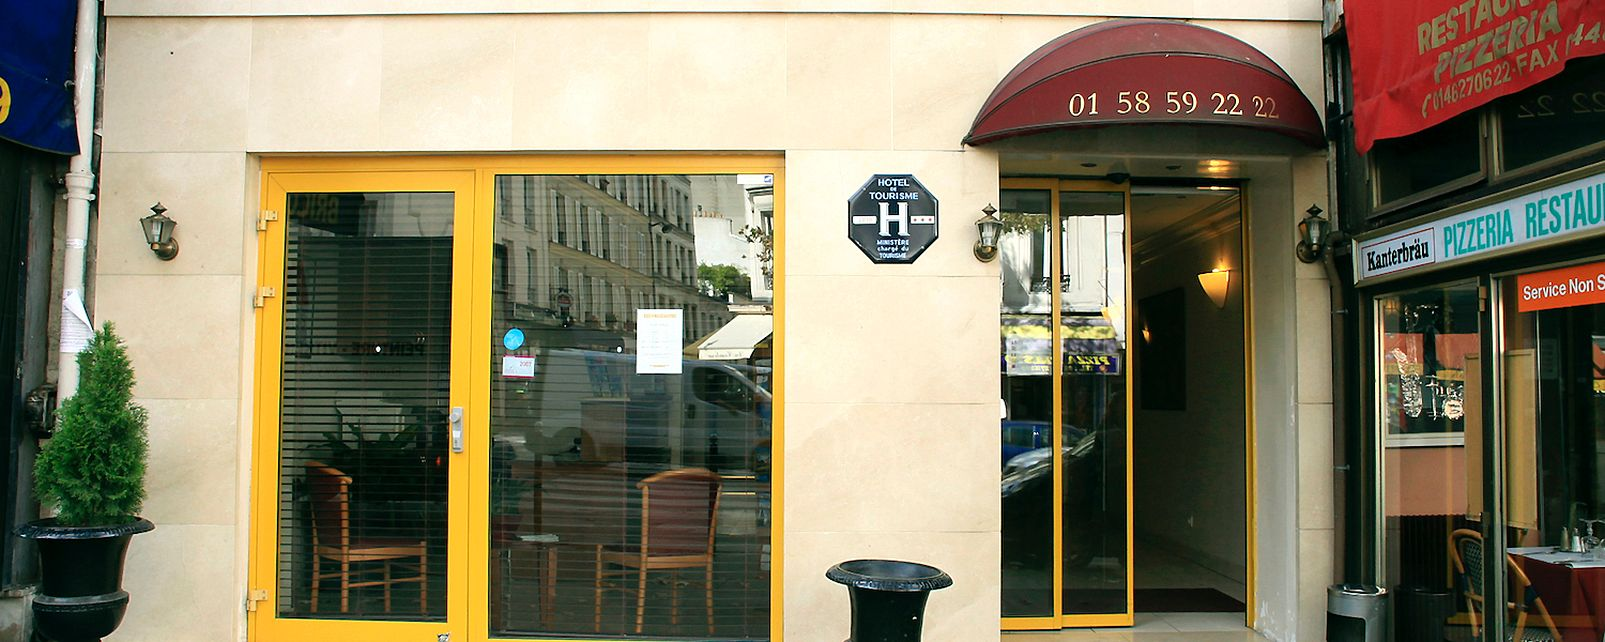 Hôtel 121 Paris